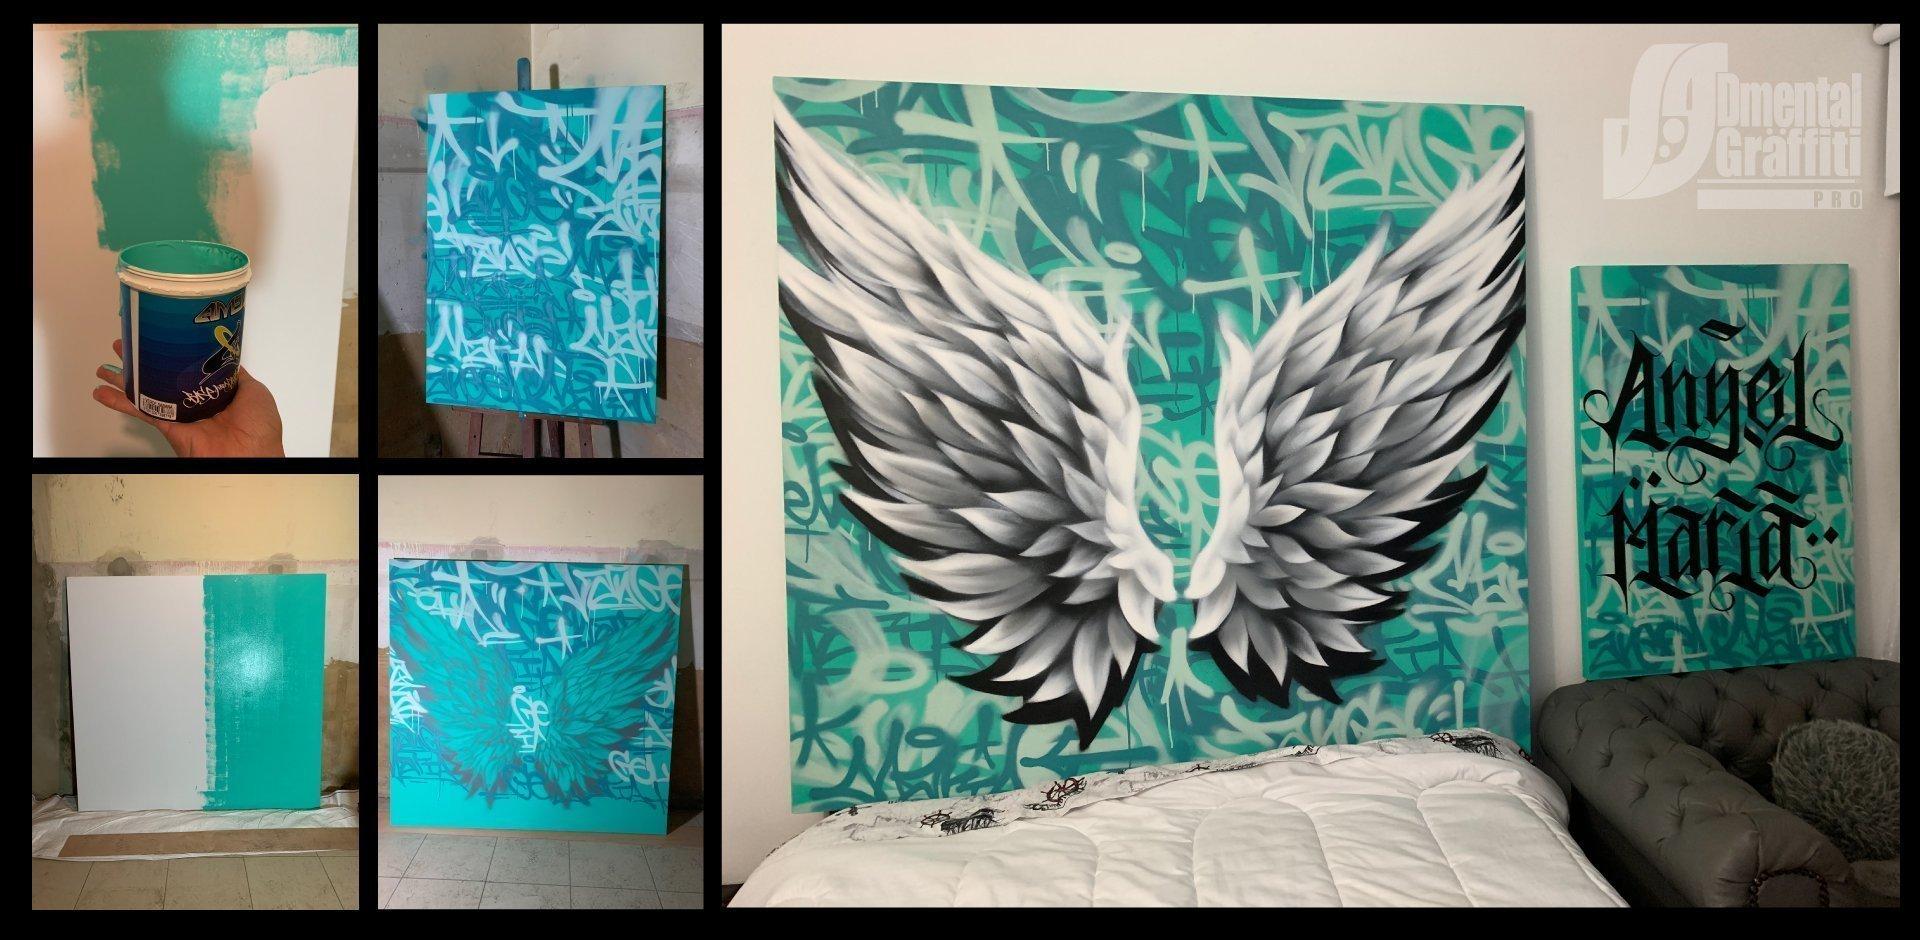 montaje-lienzo-angel-maria--2